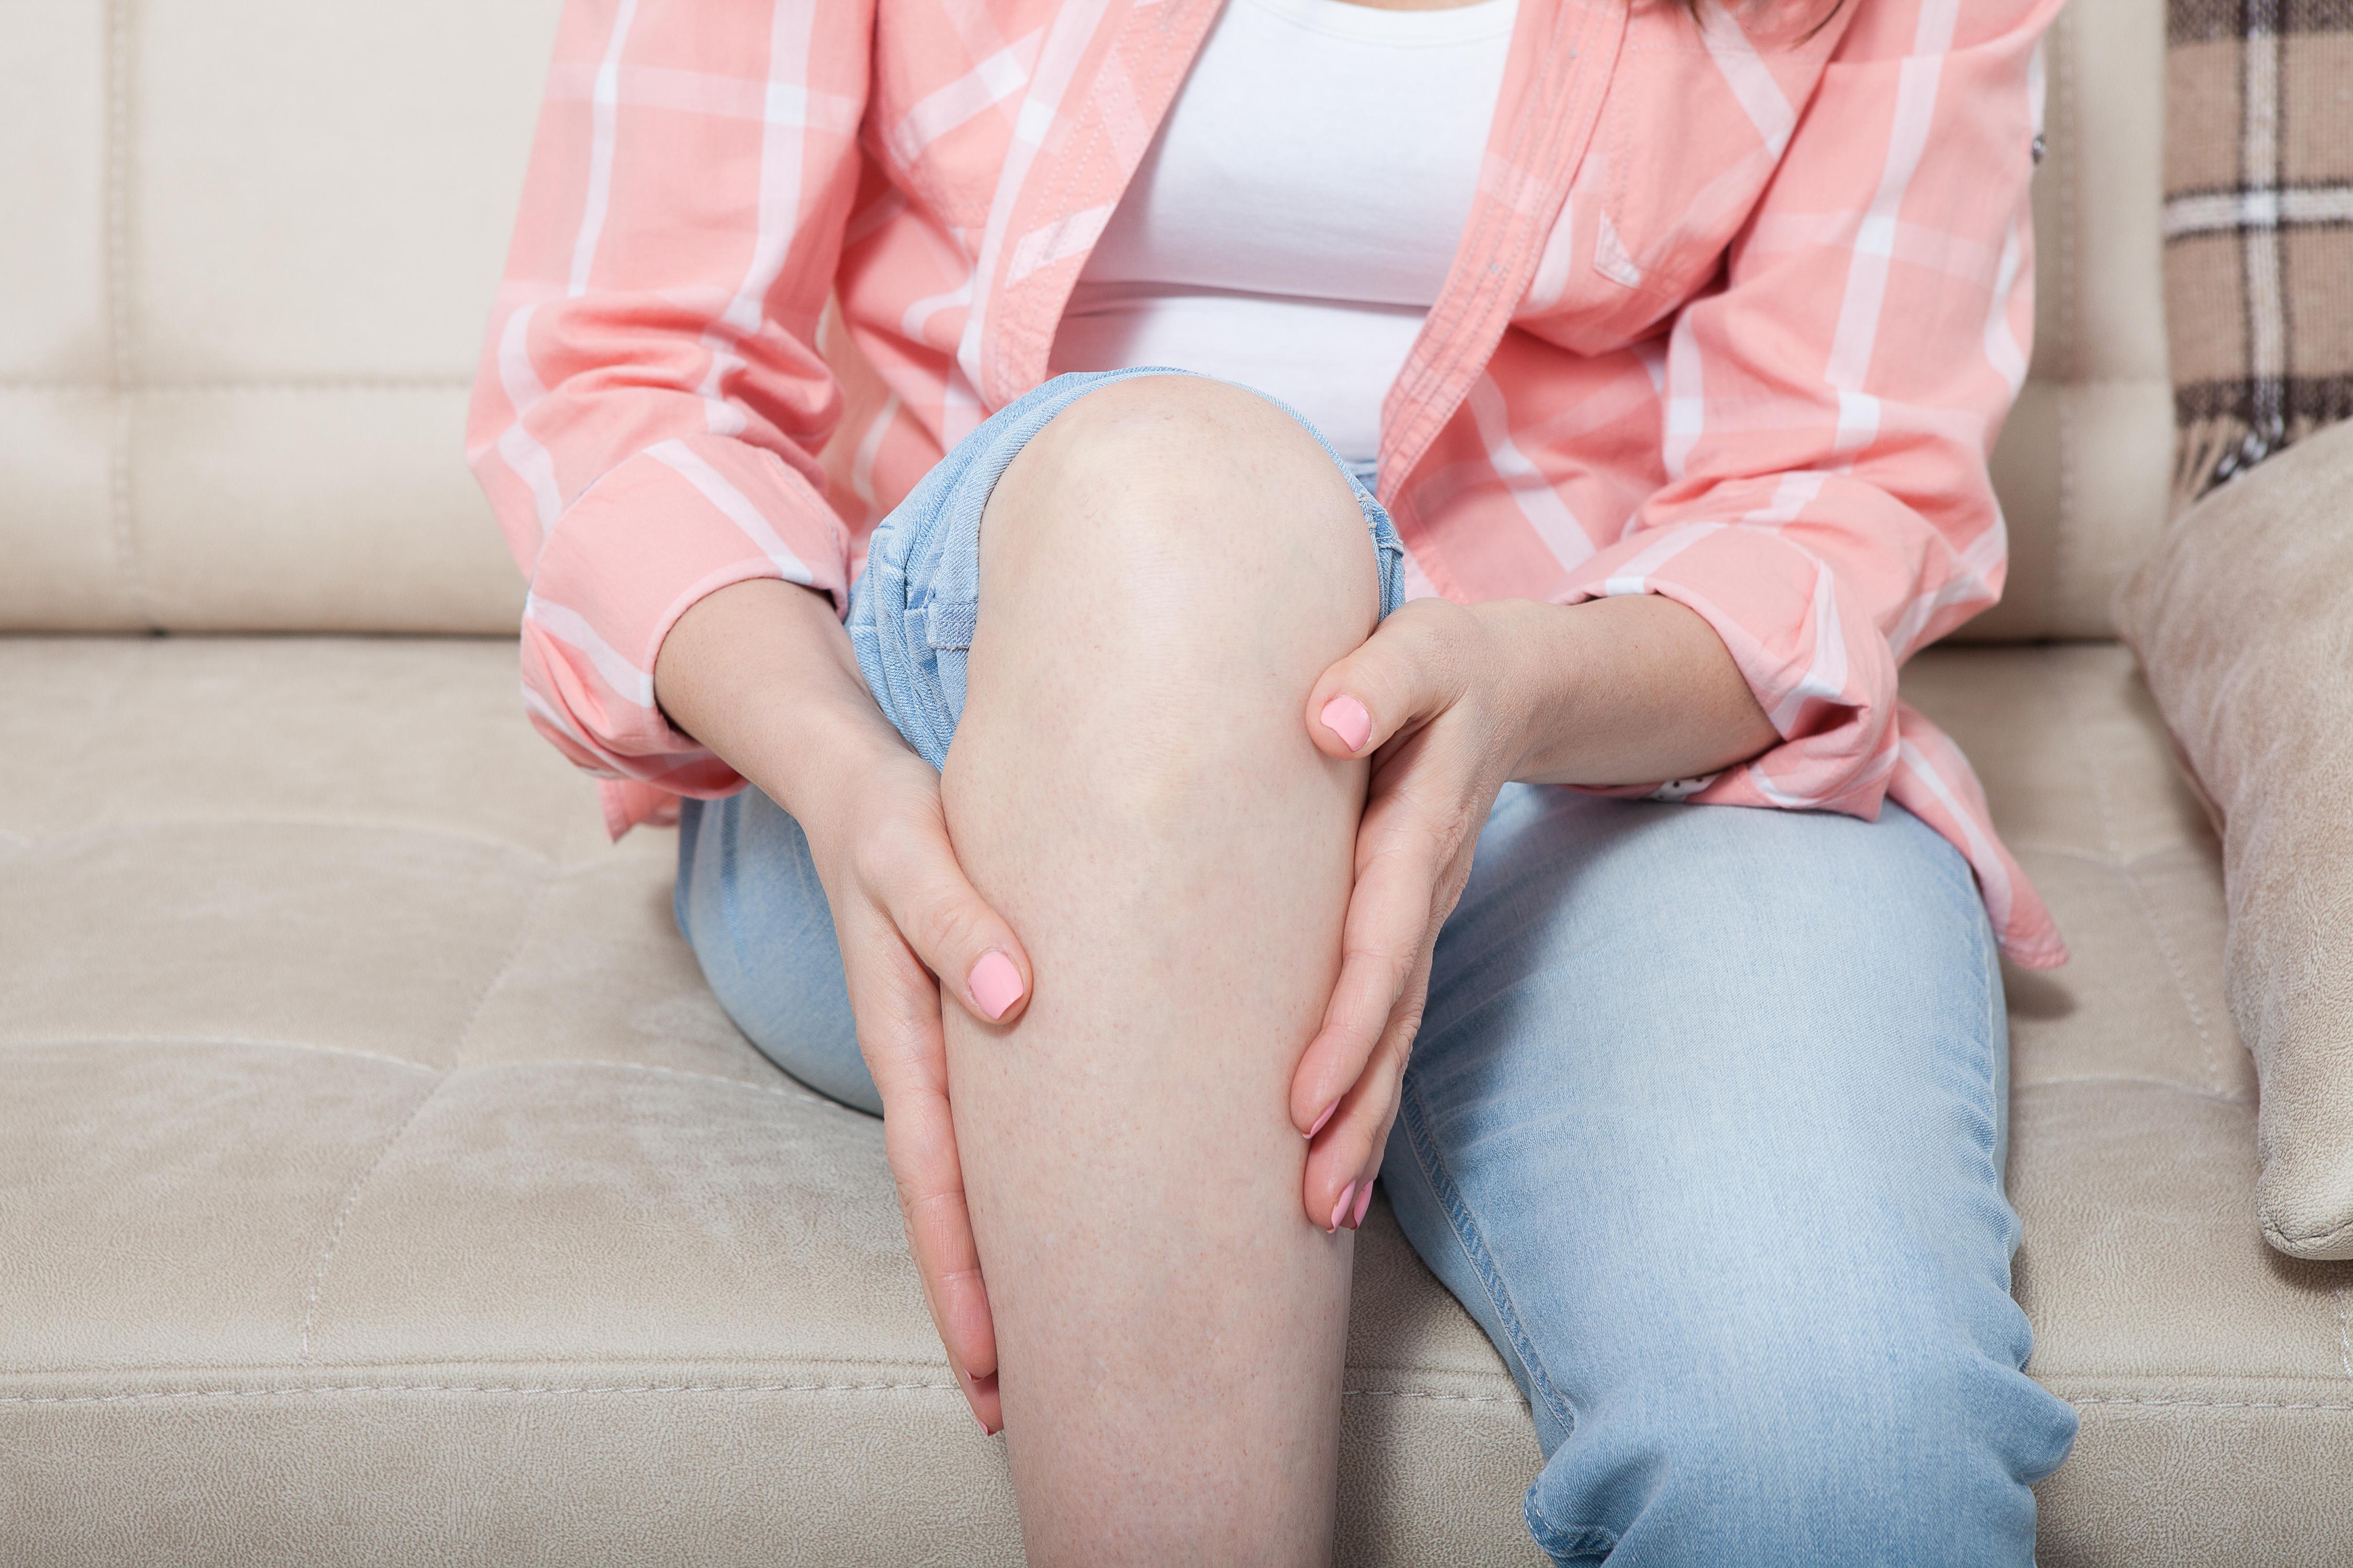 Influenza, allergia, koronavírus: hogyan tudom megkülönböztetni, mik a tünetek?